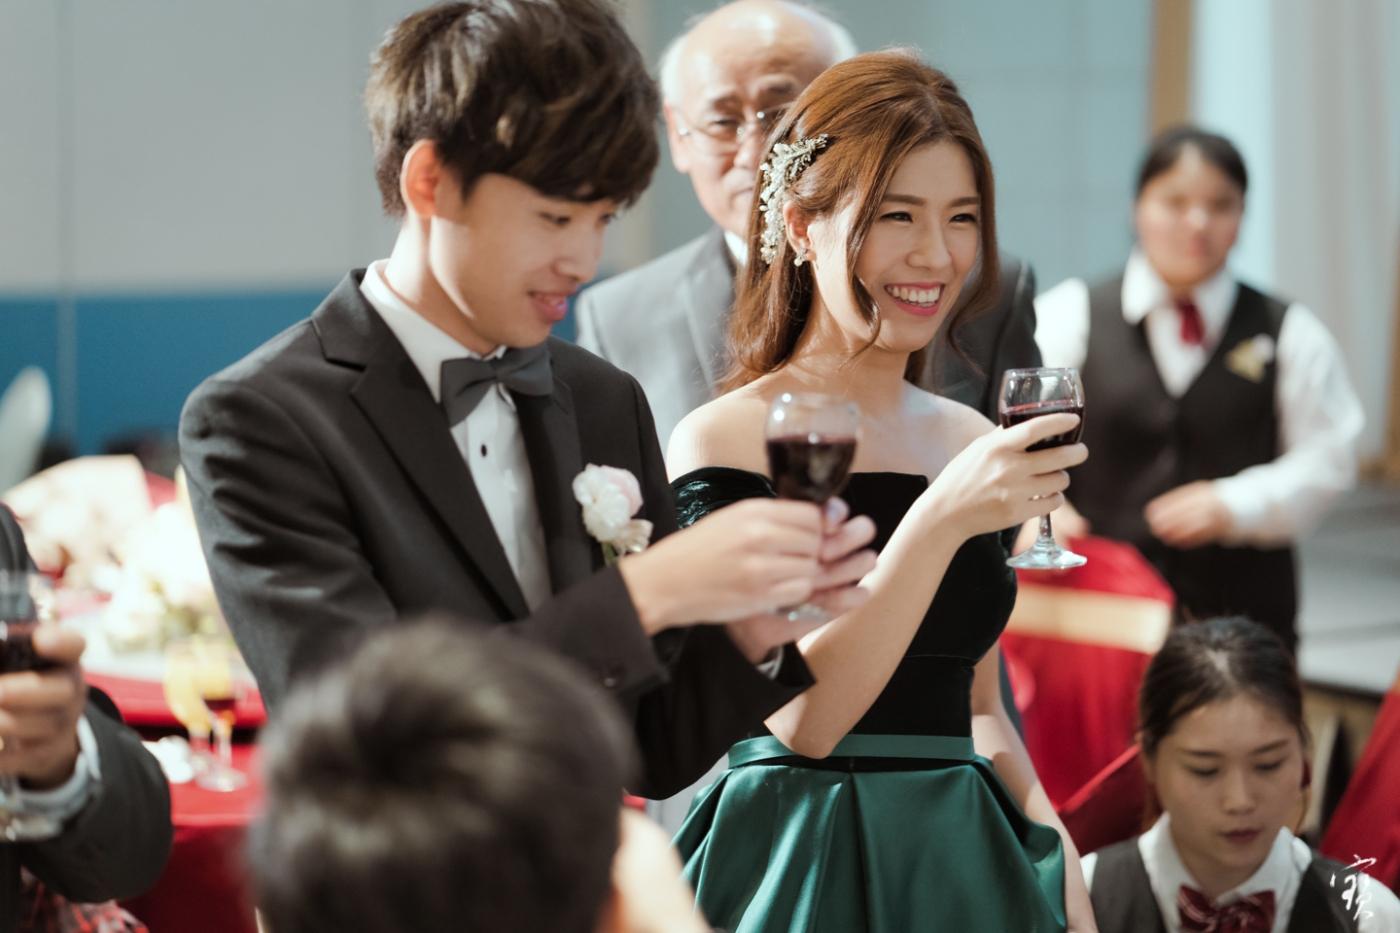 婚禮攝影 新竹彭園 冬伴影像 攝影師大寶 婚紗攝影 新娘新郎 早儀午宴20181125-430